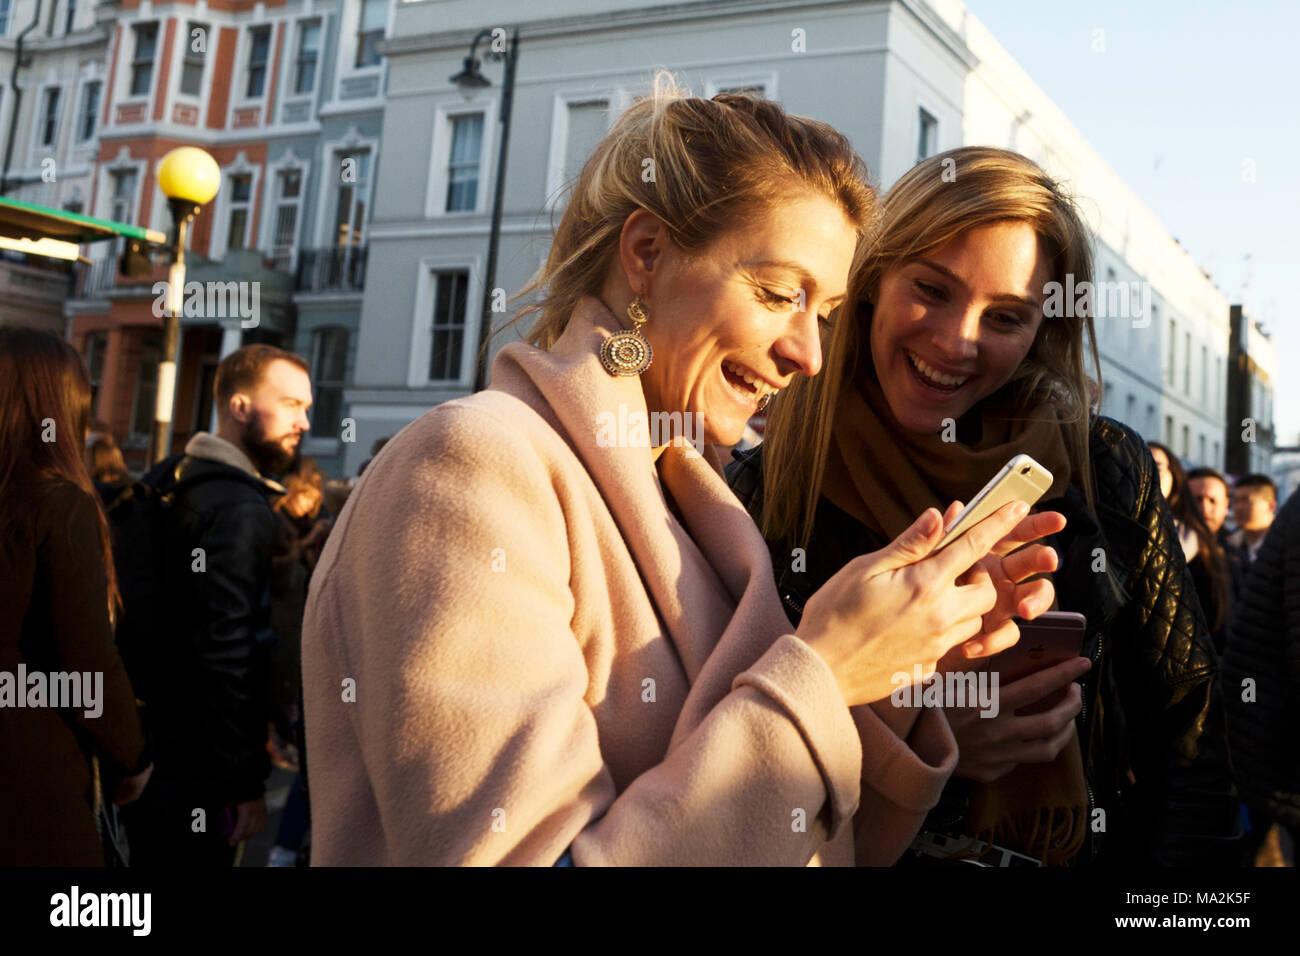 Junge weibliche Erwachsene lächelnd mit Emotion, an Handy Smartphone suchen. Kommunikation. Millennials Emotionen zum Ausdruck zu bringen. Freunde und Familie. Stockbild